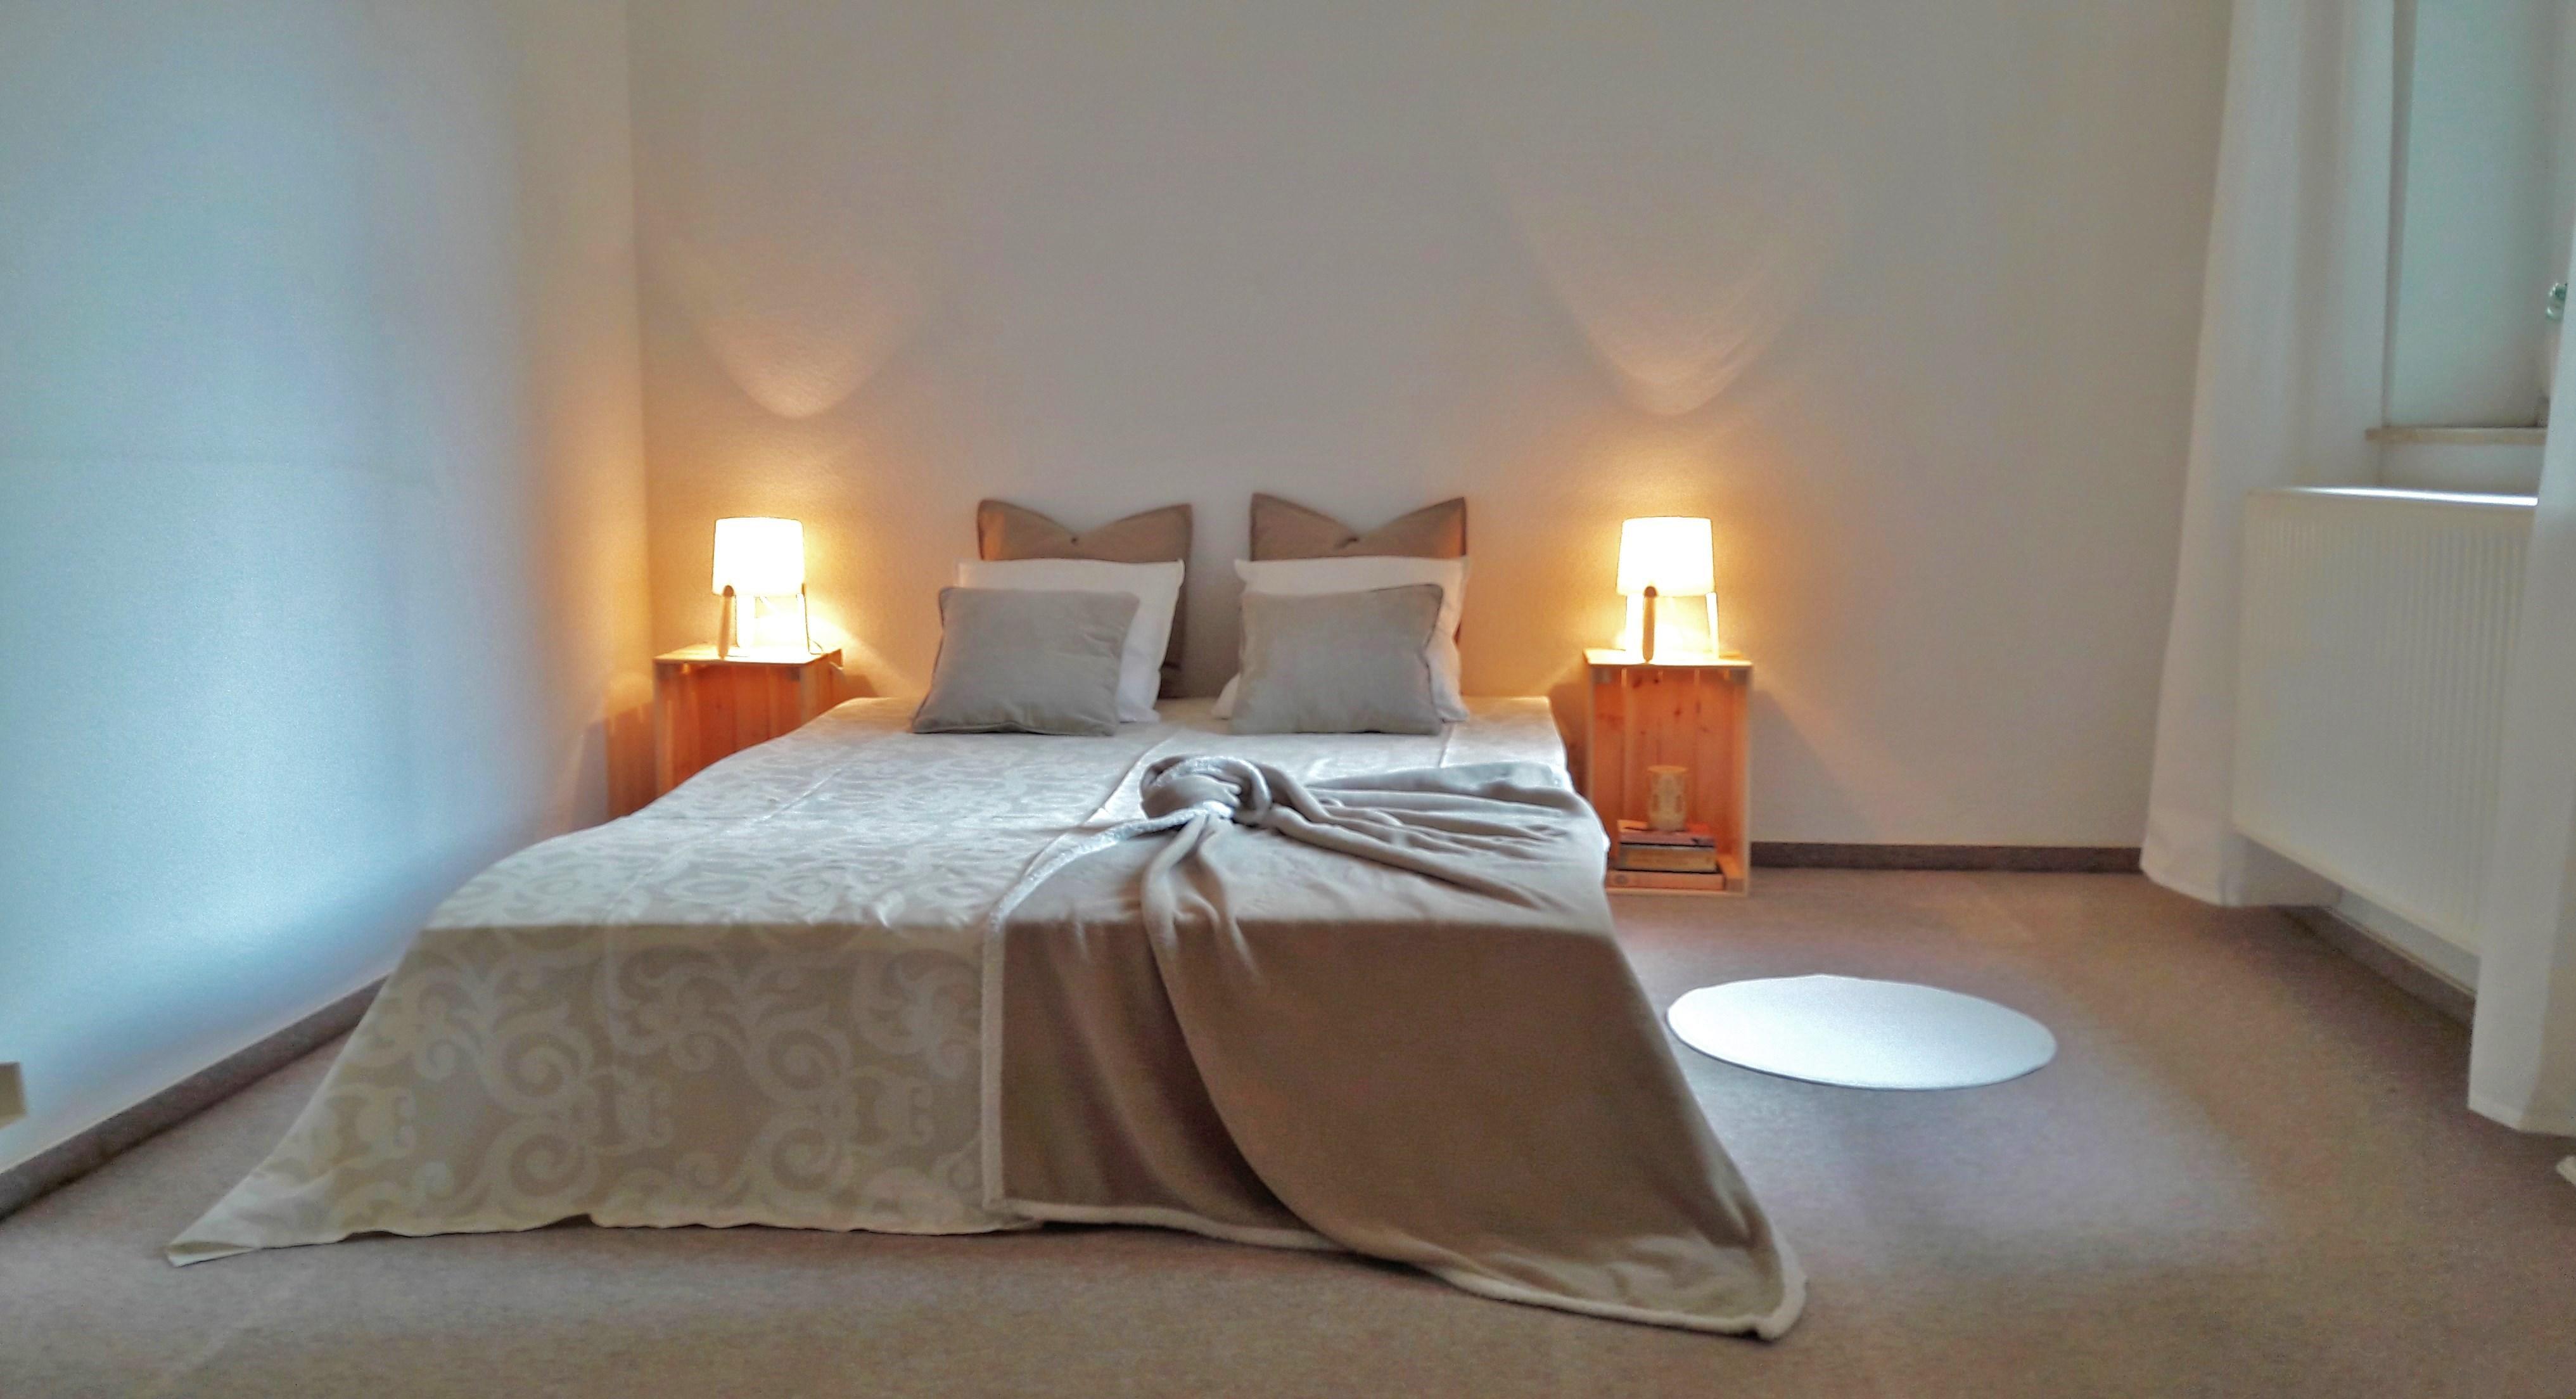 #HomeStaging Eines #Schlafzimmers Im #Landhausstil #gemütlich